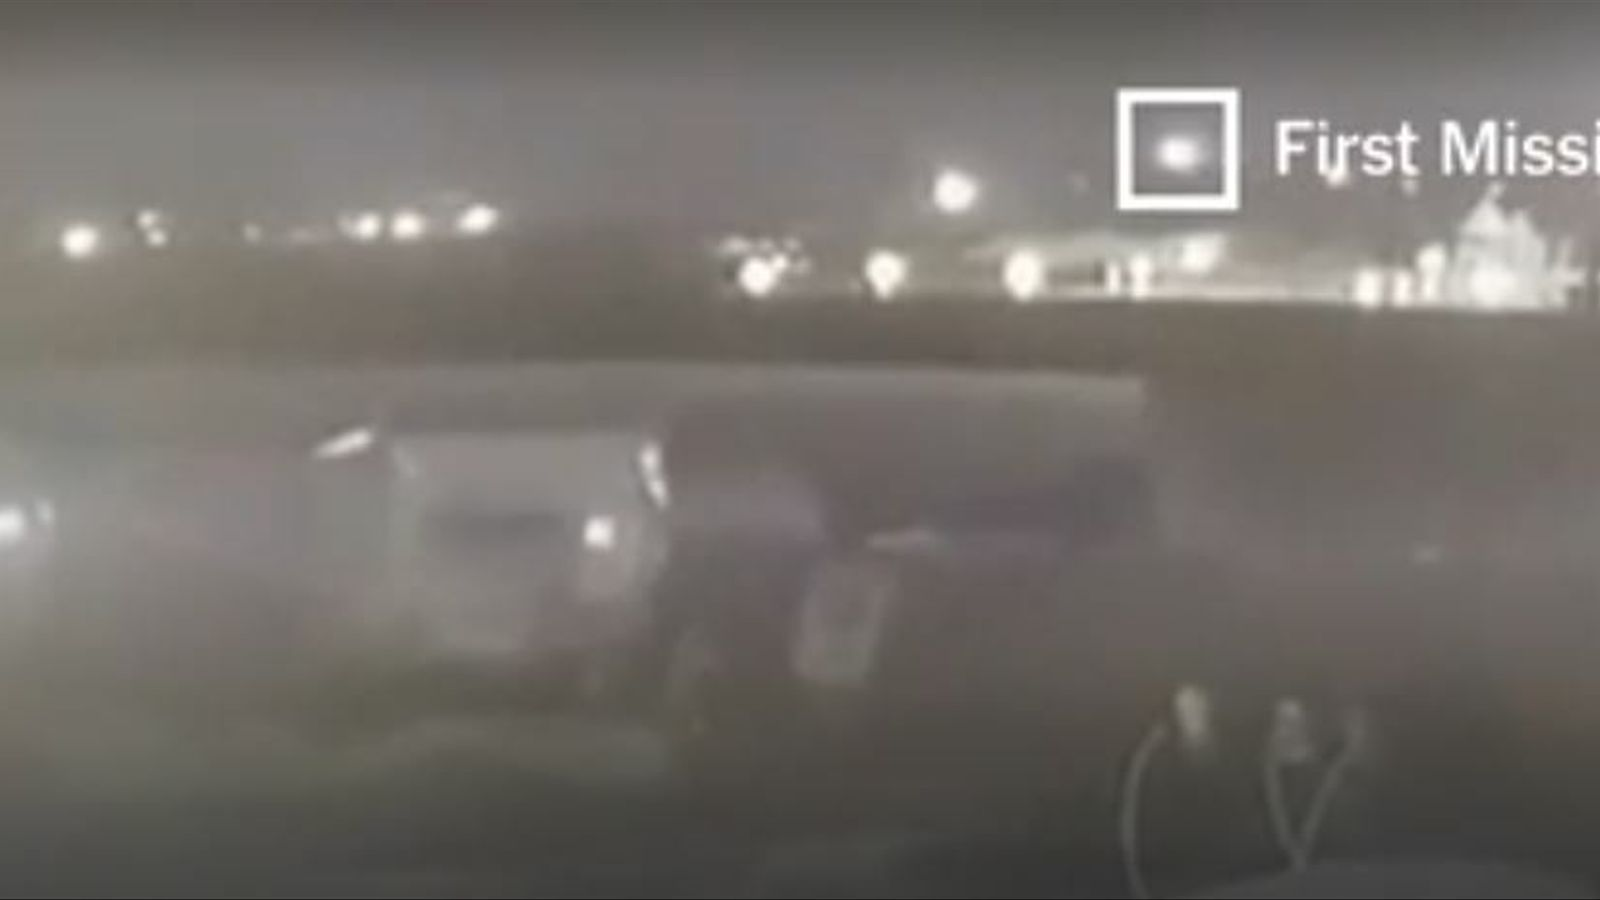 Dos míssils impacten suposadament contra l'avió ucrainès a l'Iran